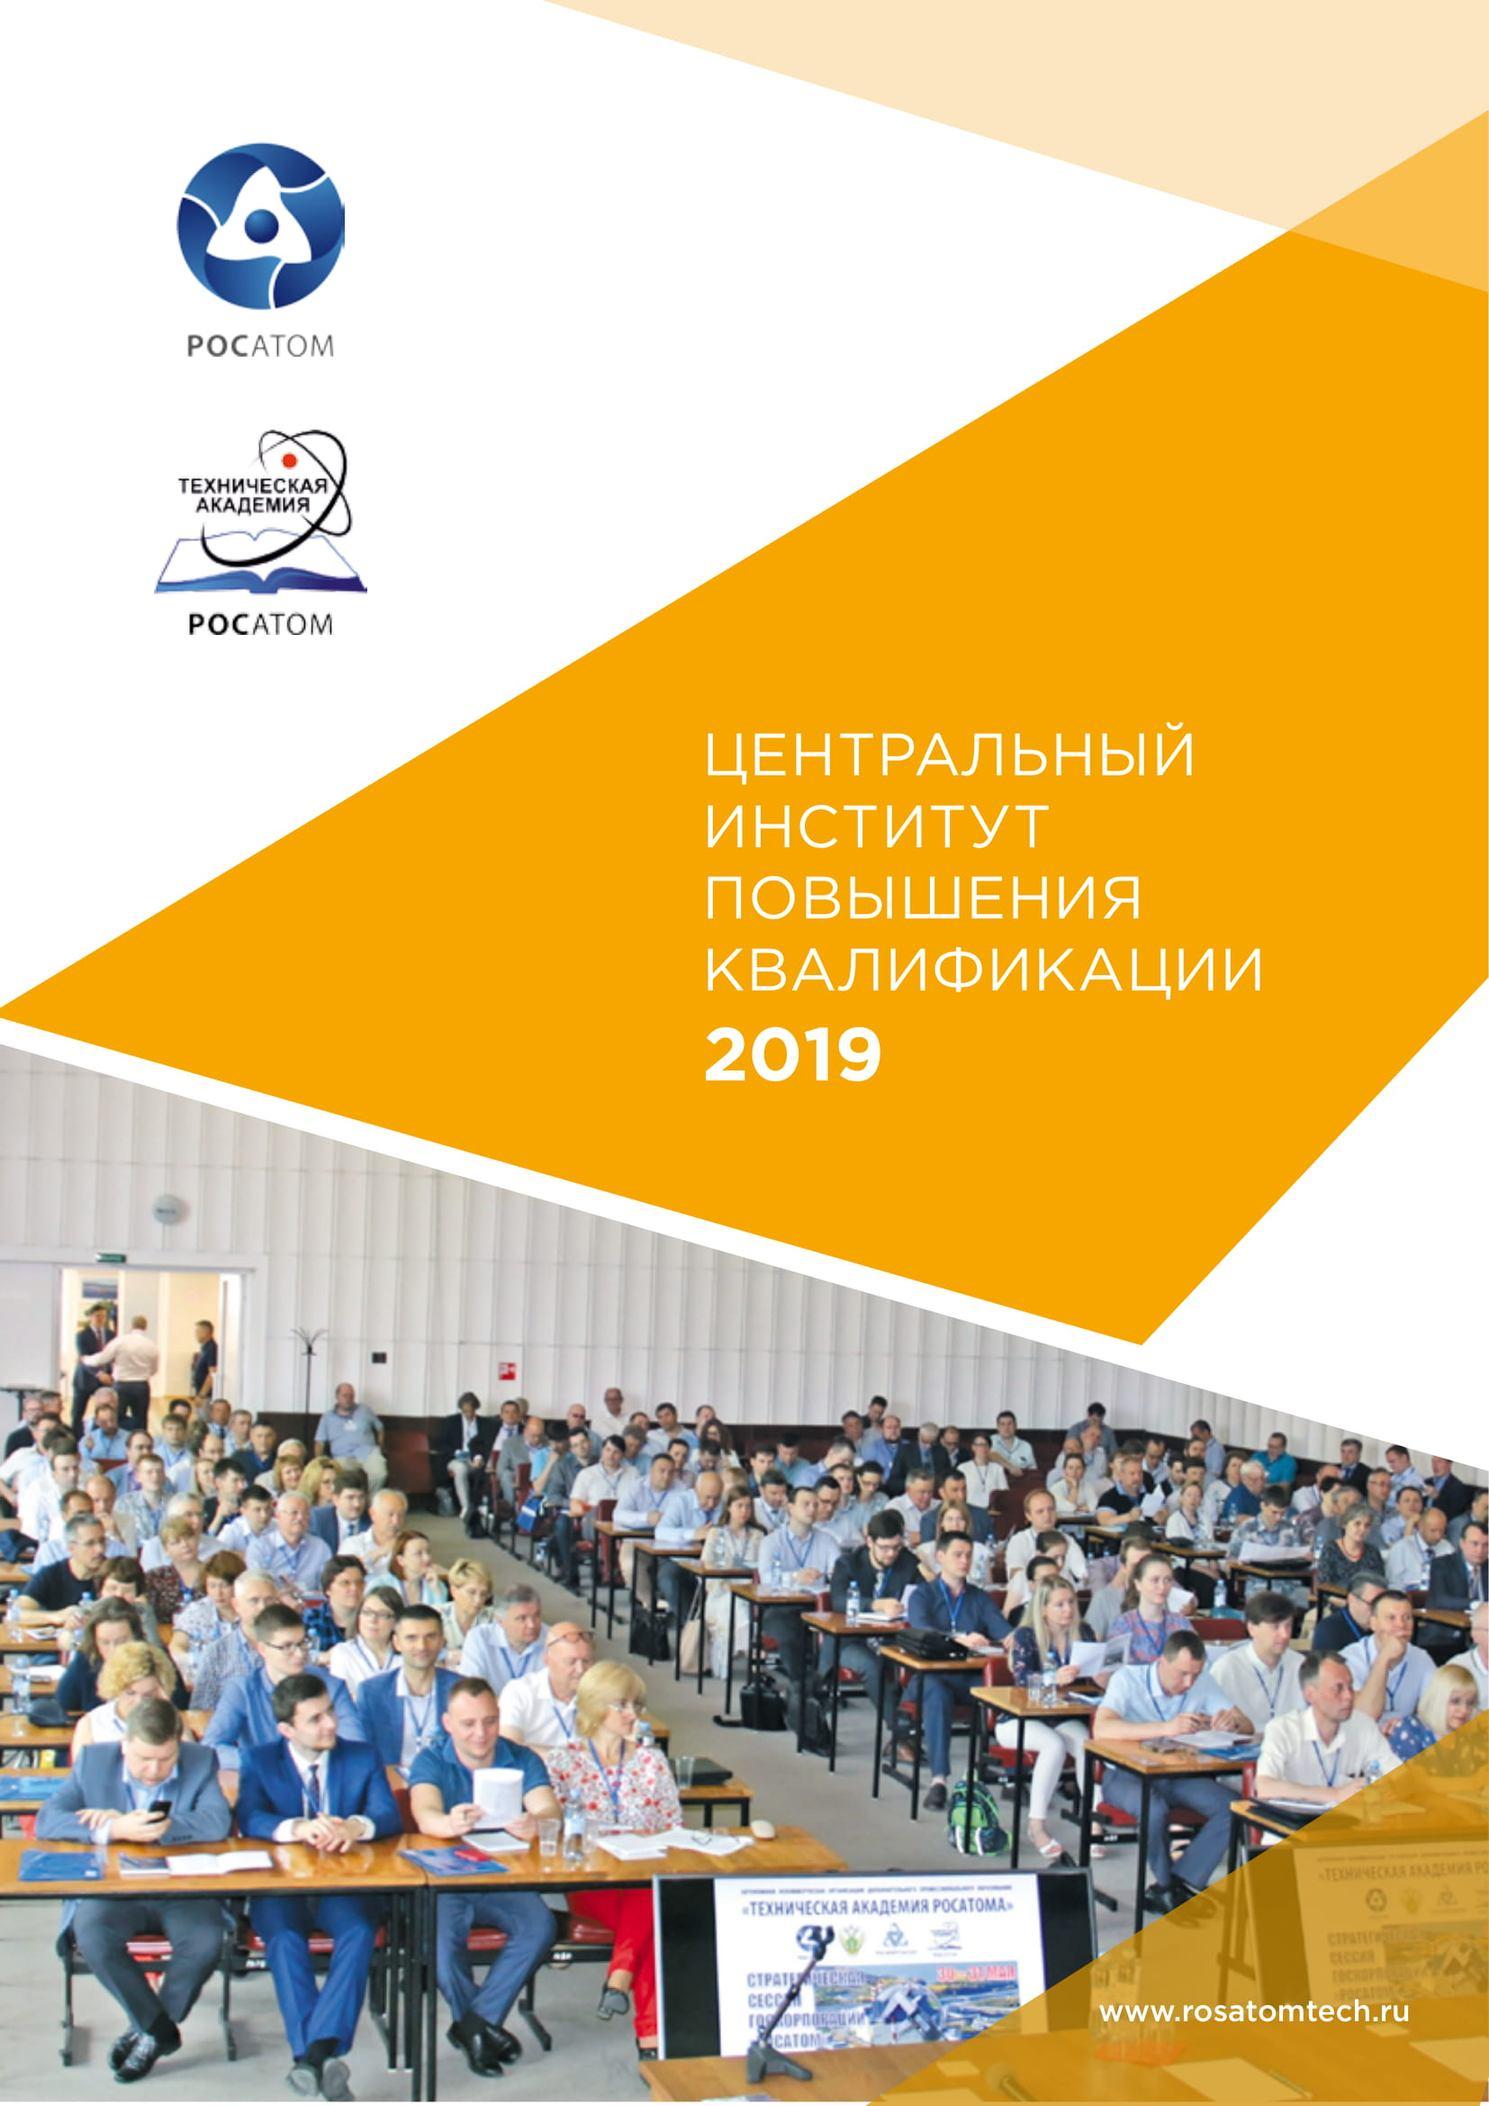 Итоги года Центрального института повышения квалификации 2019